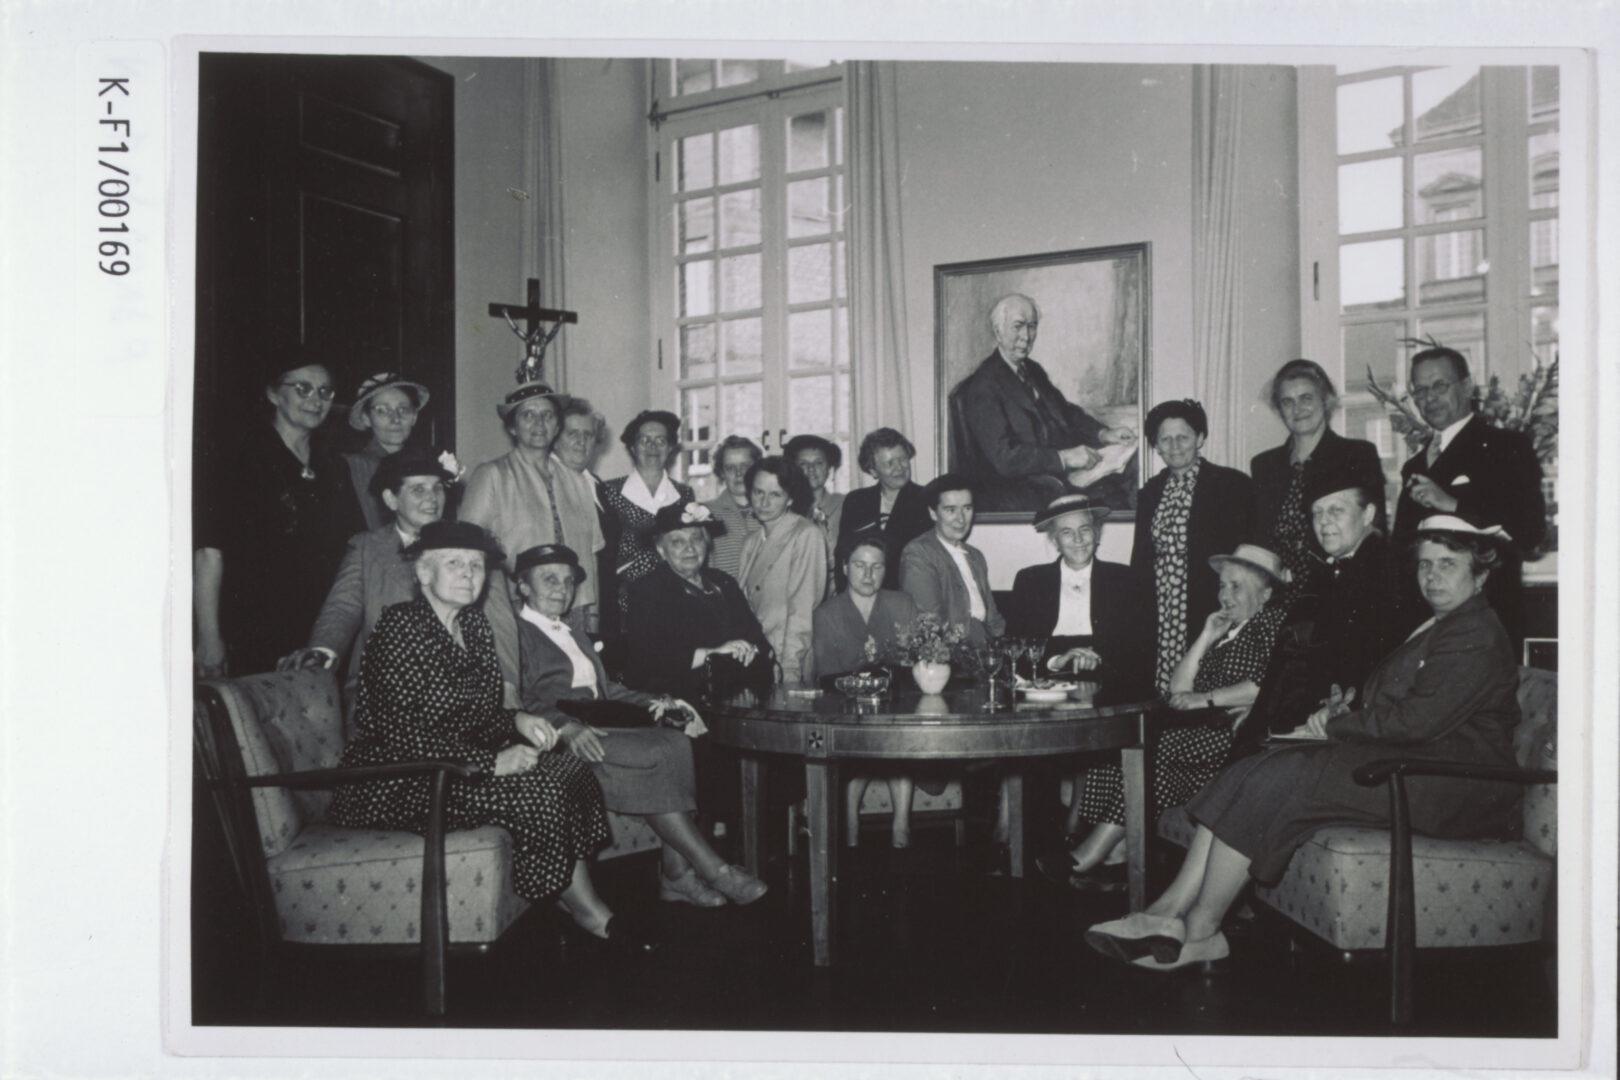 Empfang von KDFB-Frauen im Bonner Rathaus anlässlich der 13. Generalversammlung des KDFB, 1952